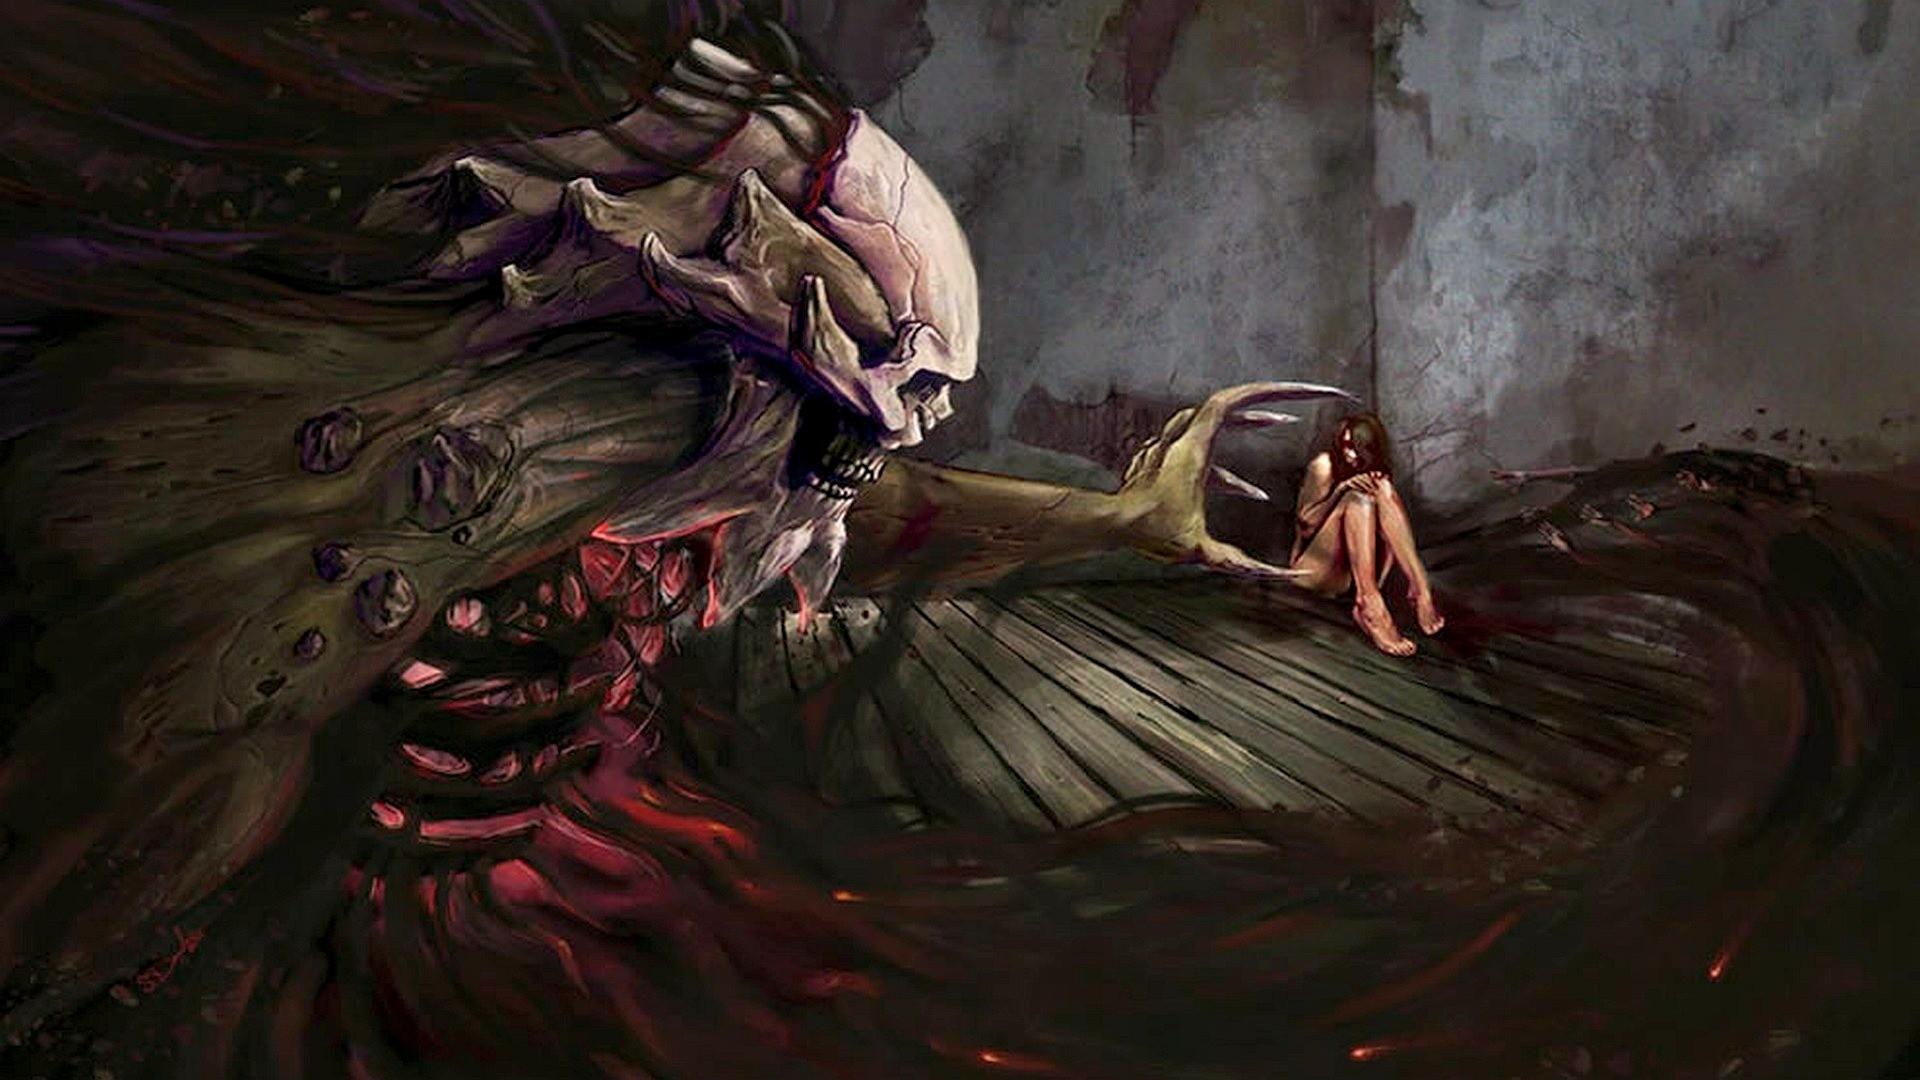 dark horror evil demon skull skeleton macabre gothic women girl mood .